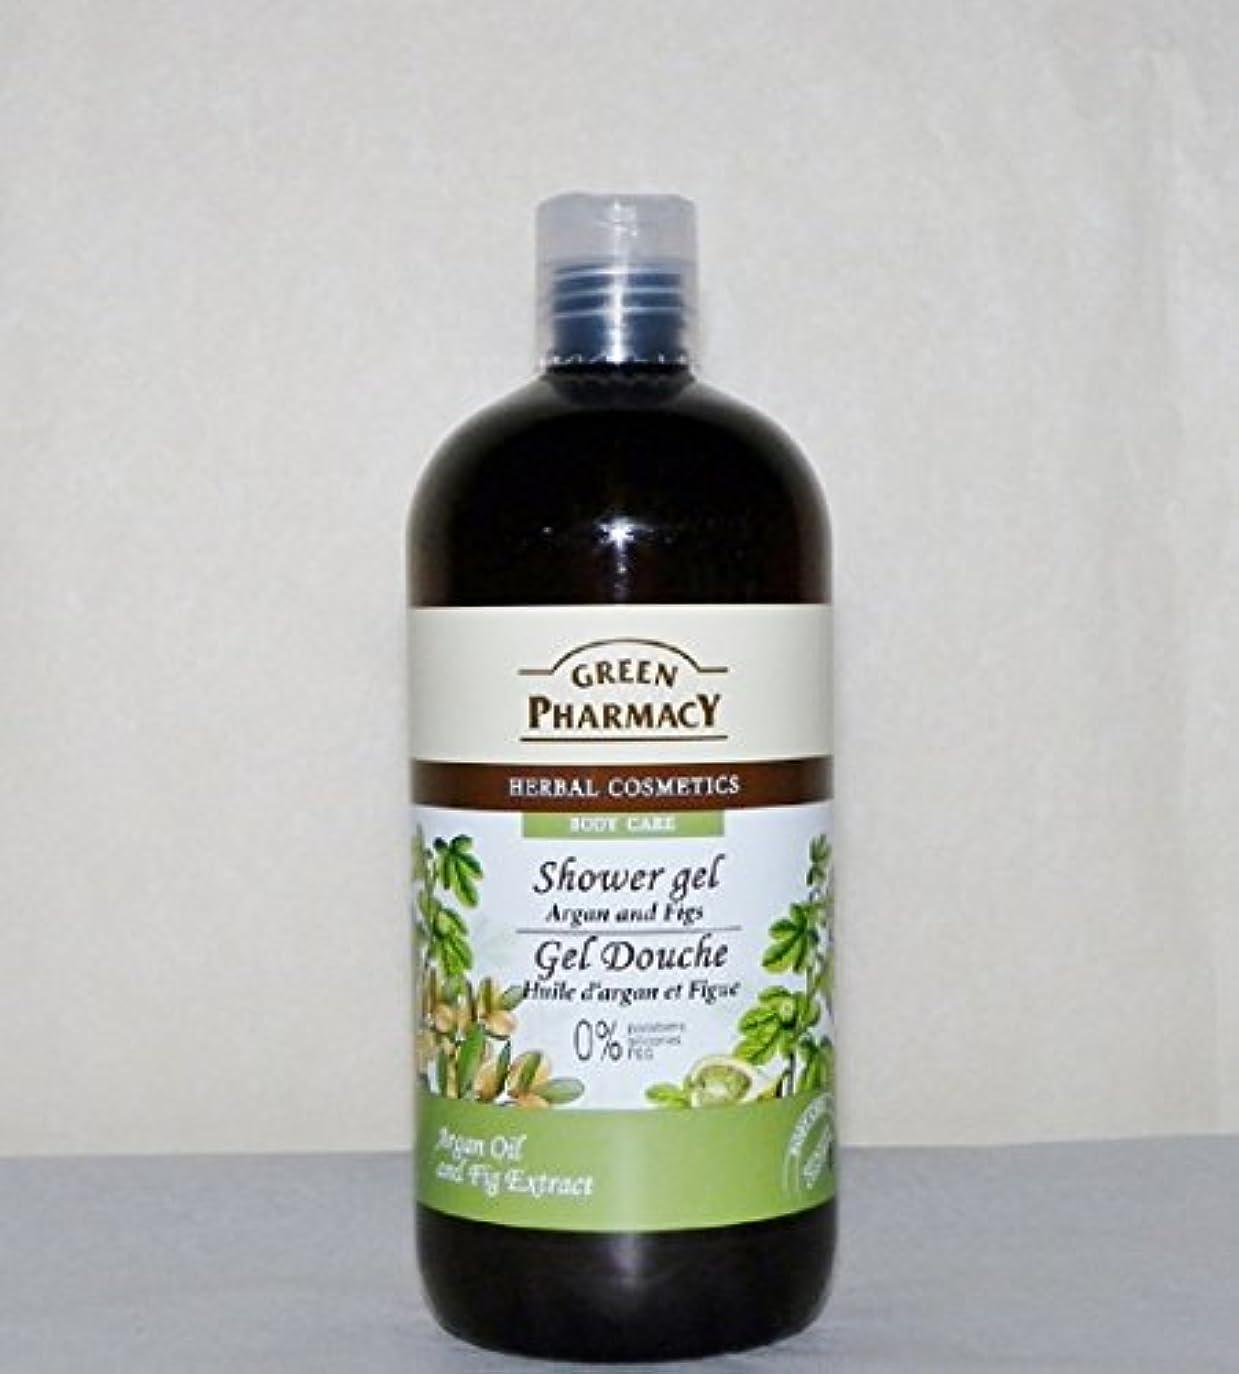 増加する真実任命Elfa Pharm Green Pharmacy グリーンファーマシー Shower Gel シャワージェル Argan Oil&Figs